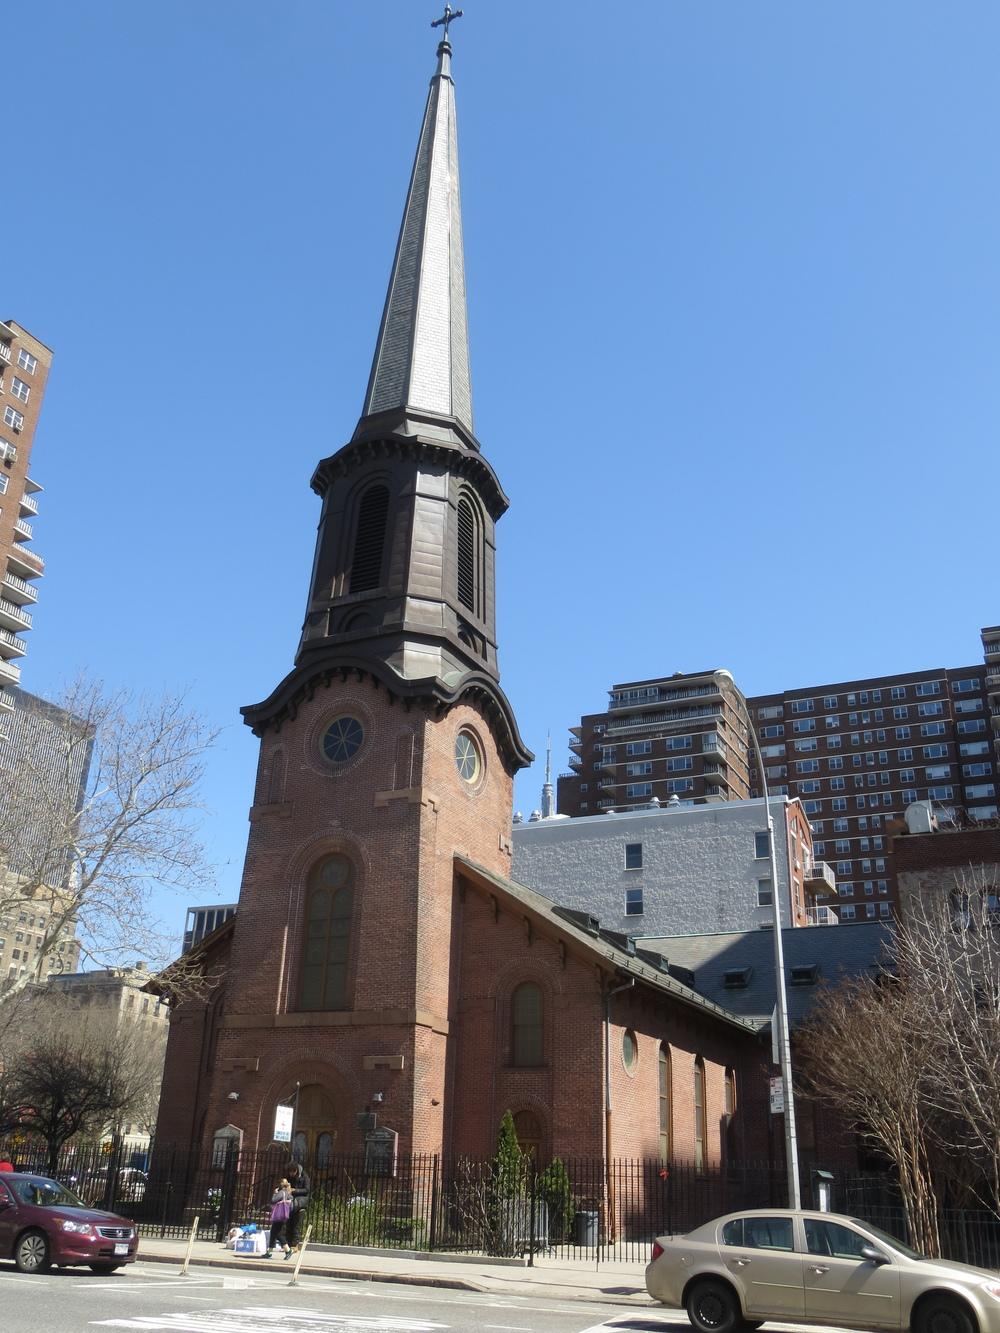 Tall steeple